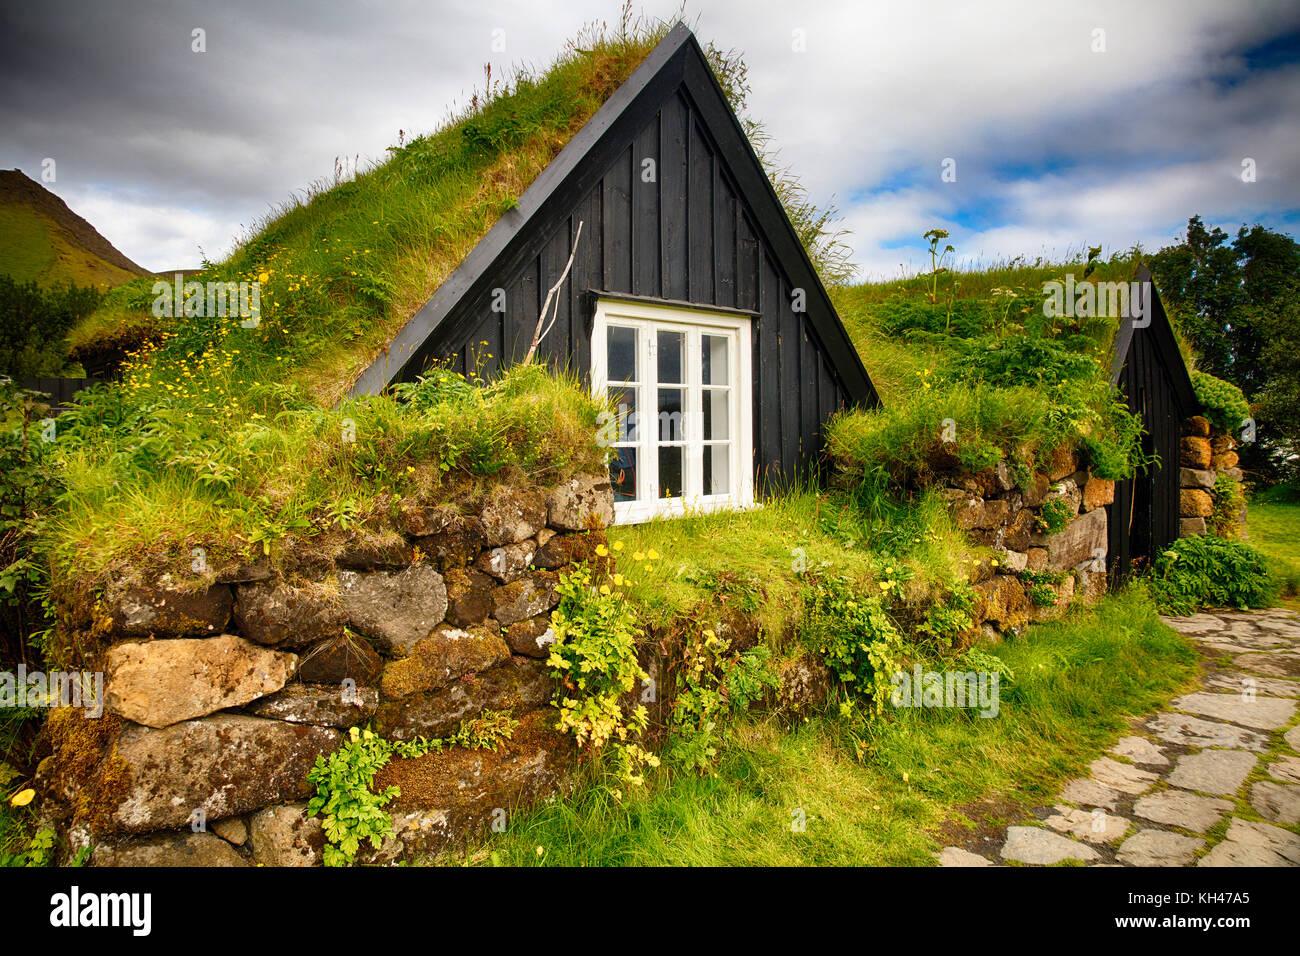 Icelandicturfhouse au cours de l'été, les gens, l'islande musée skogar Photo Stock